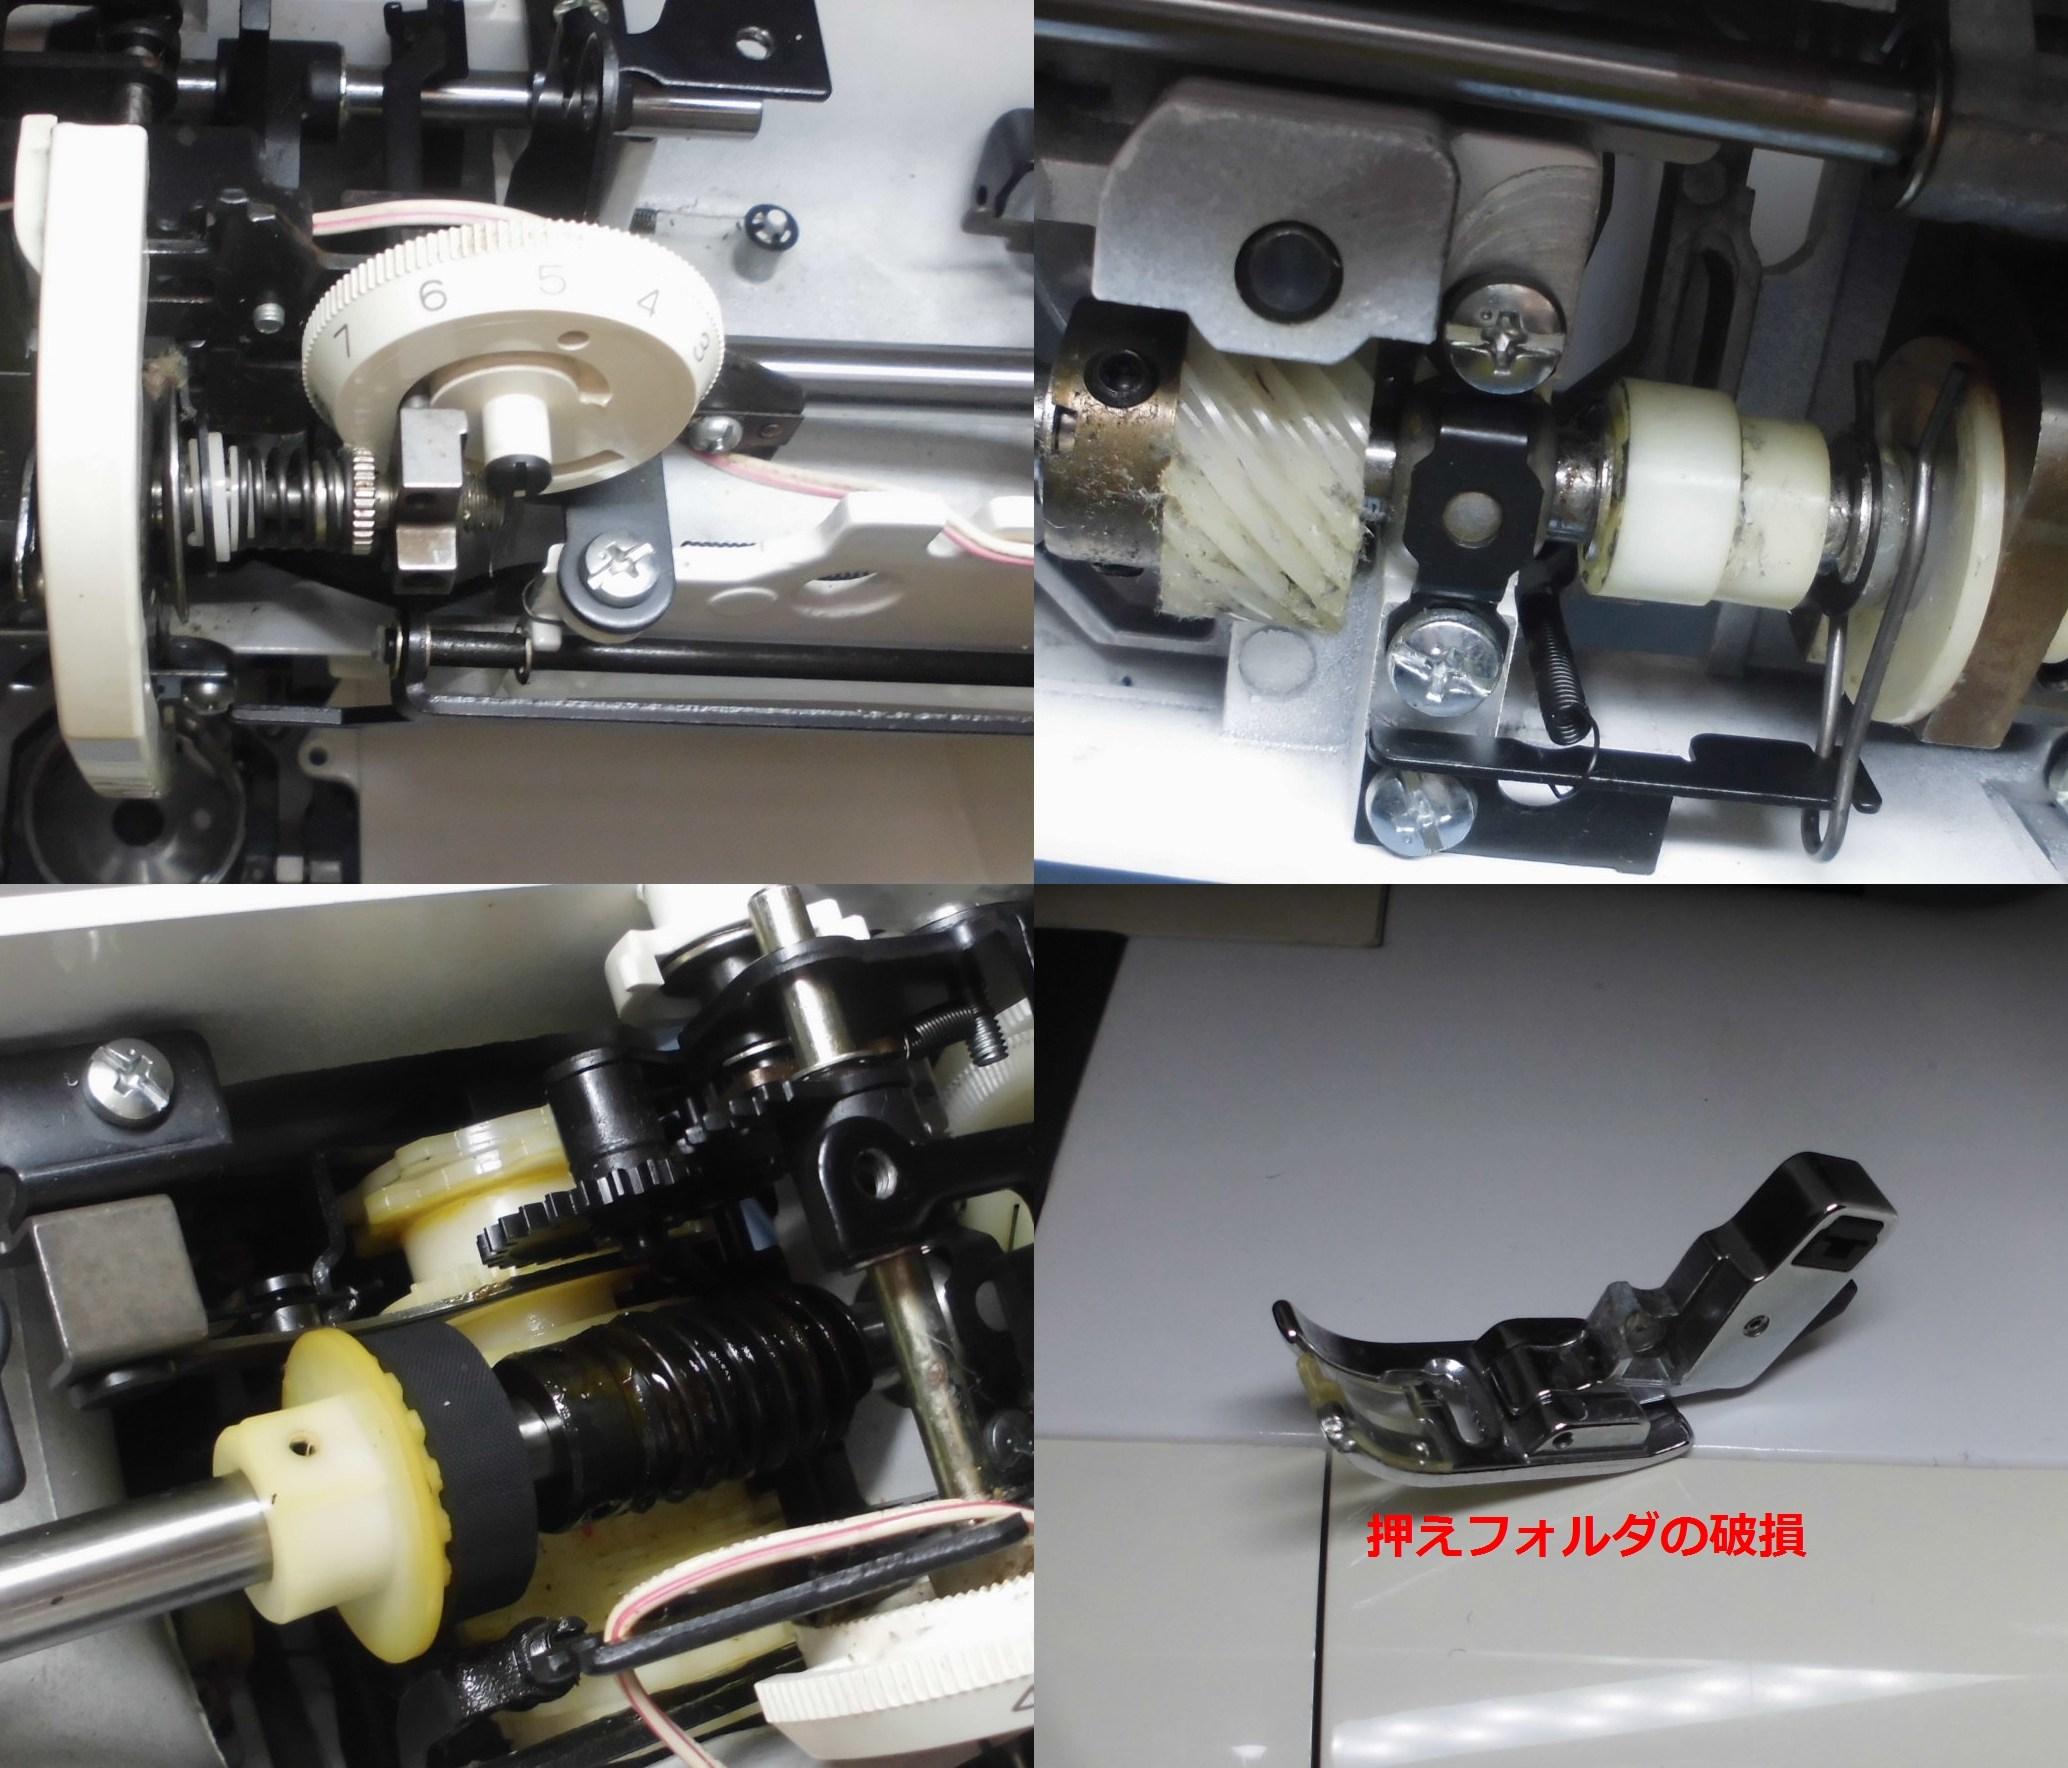 ブラザーミシンZZ3-B576の故障や不具合 糸調子不良、綺麗に縫えない、糸が絡まる